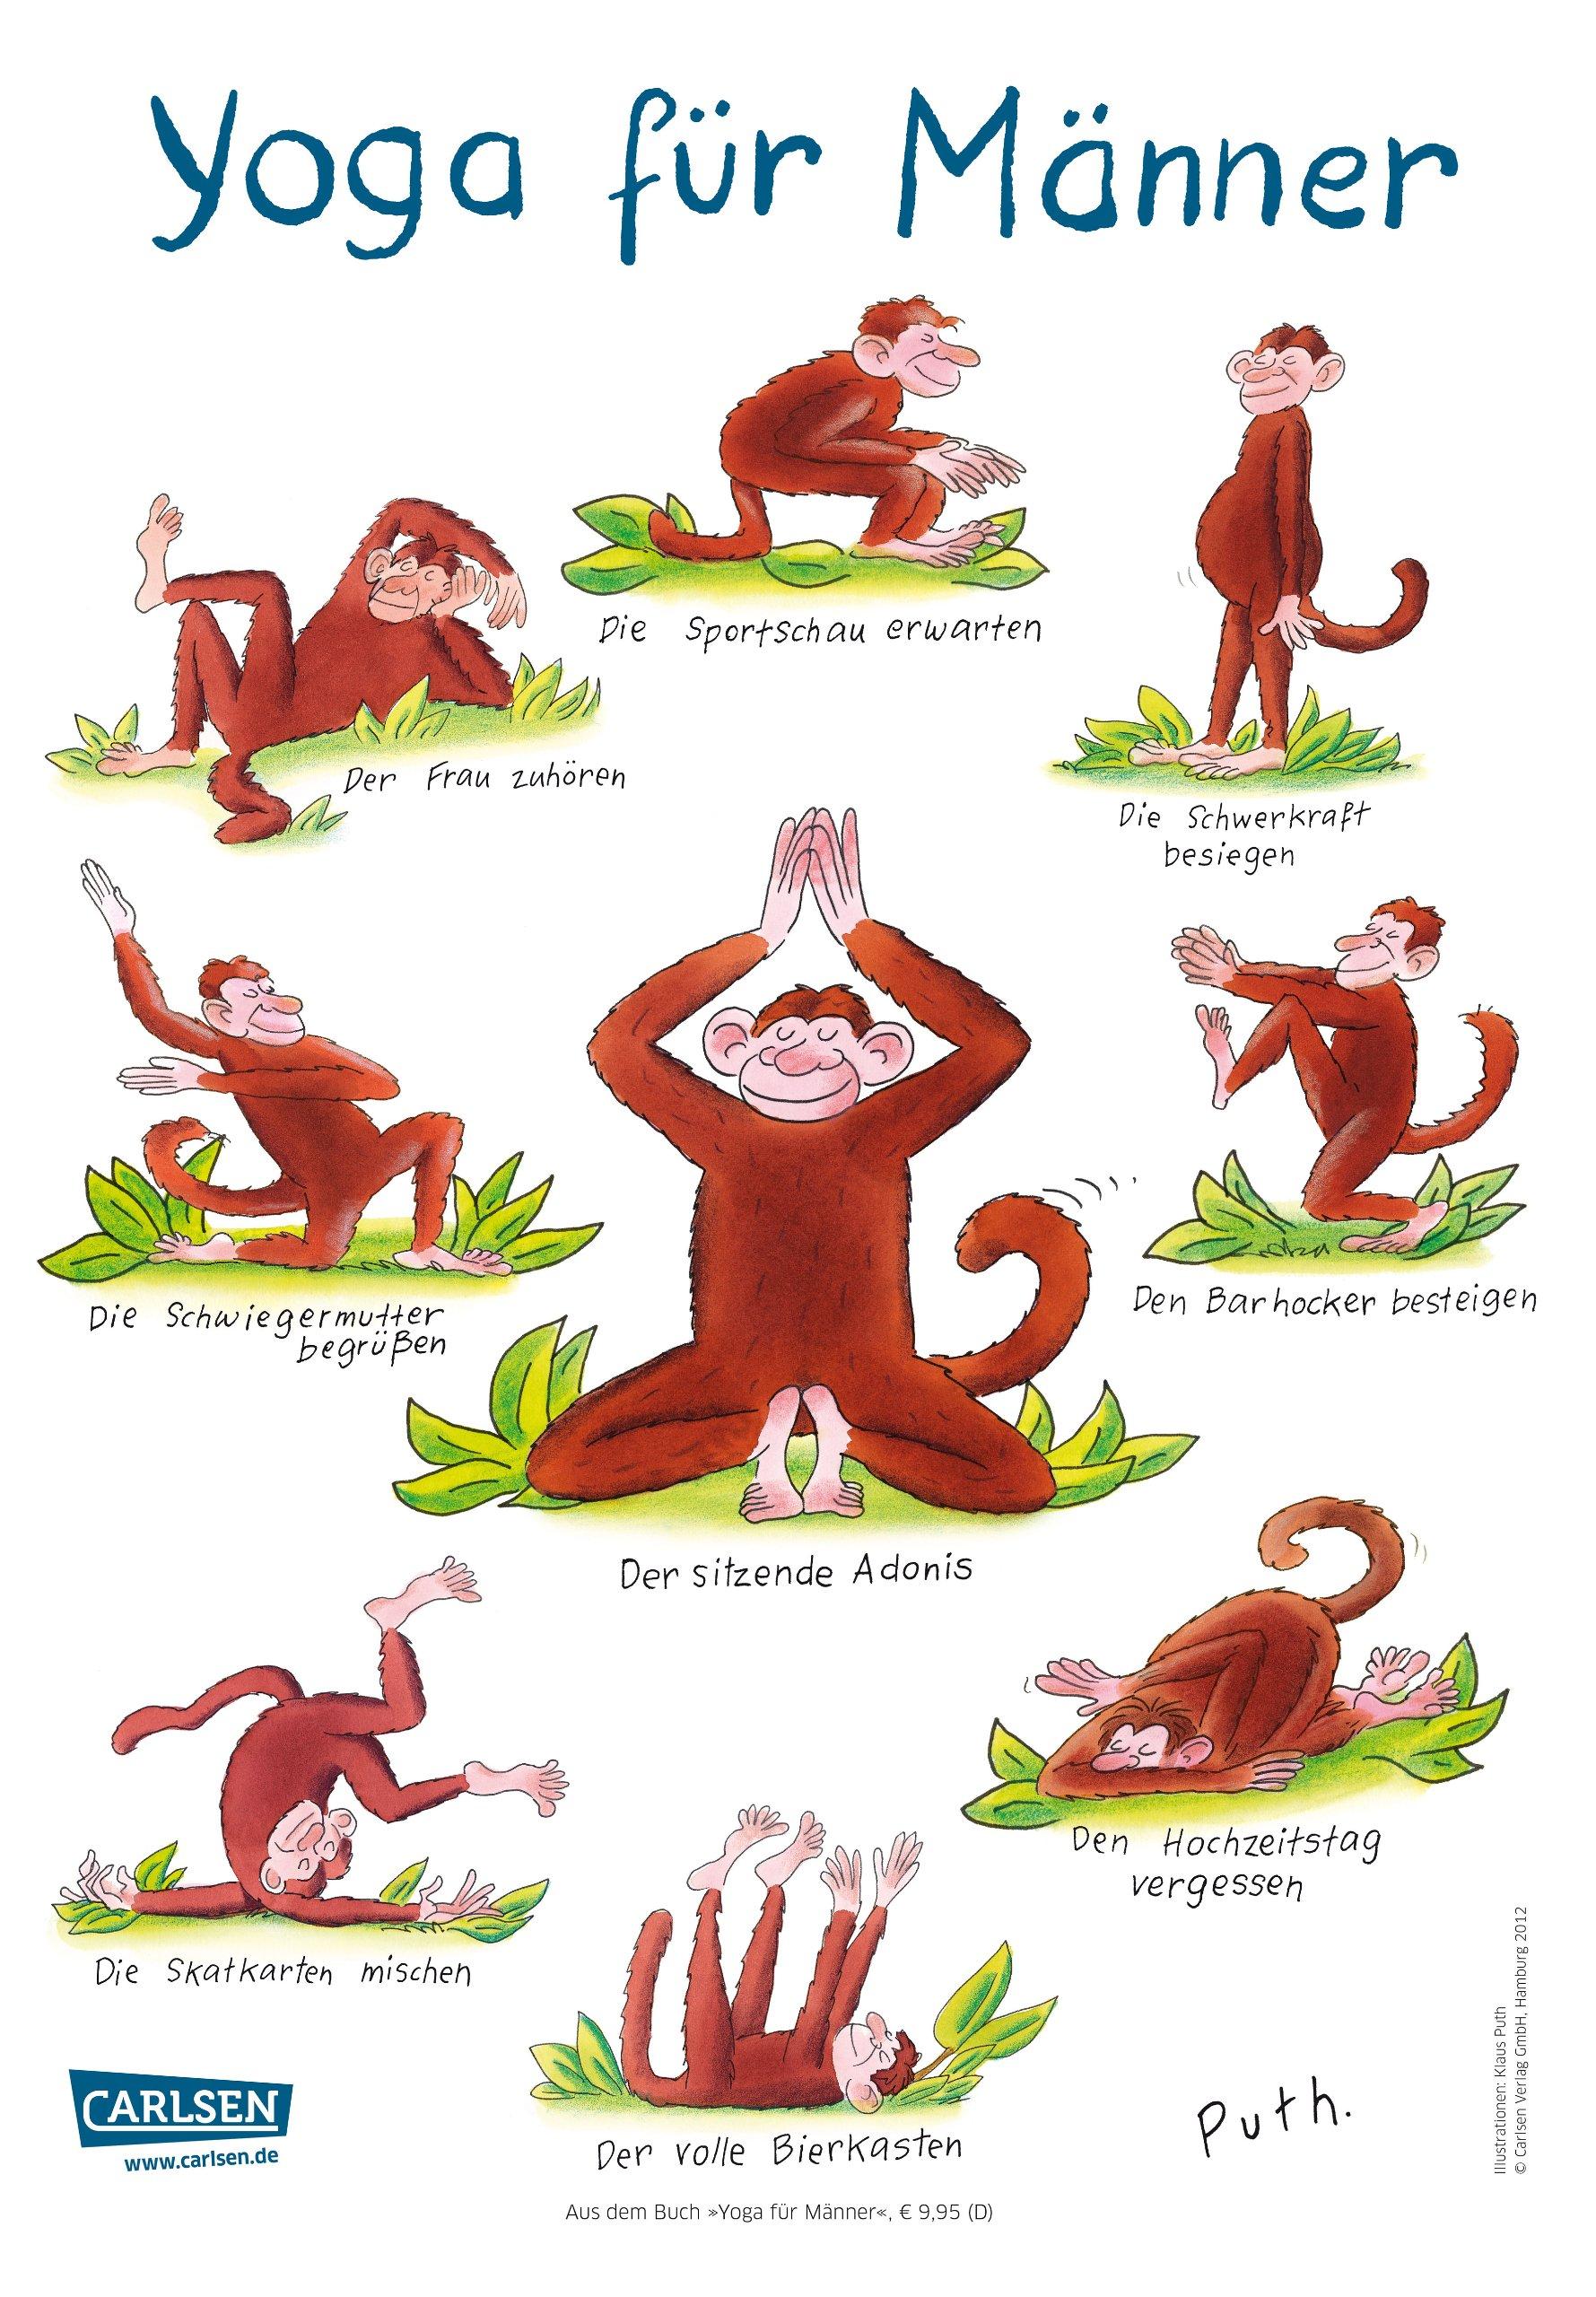 Yoga für Männer: Amazon.de: Klaus Puth: Bücher